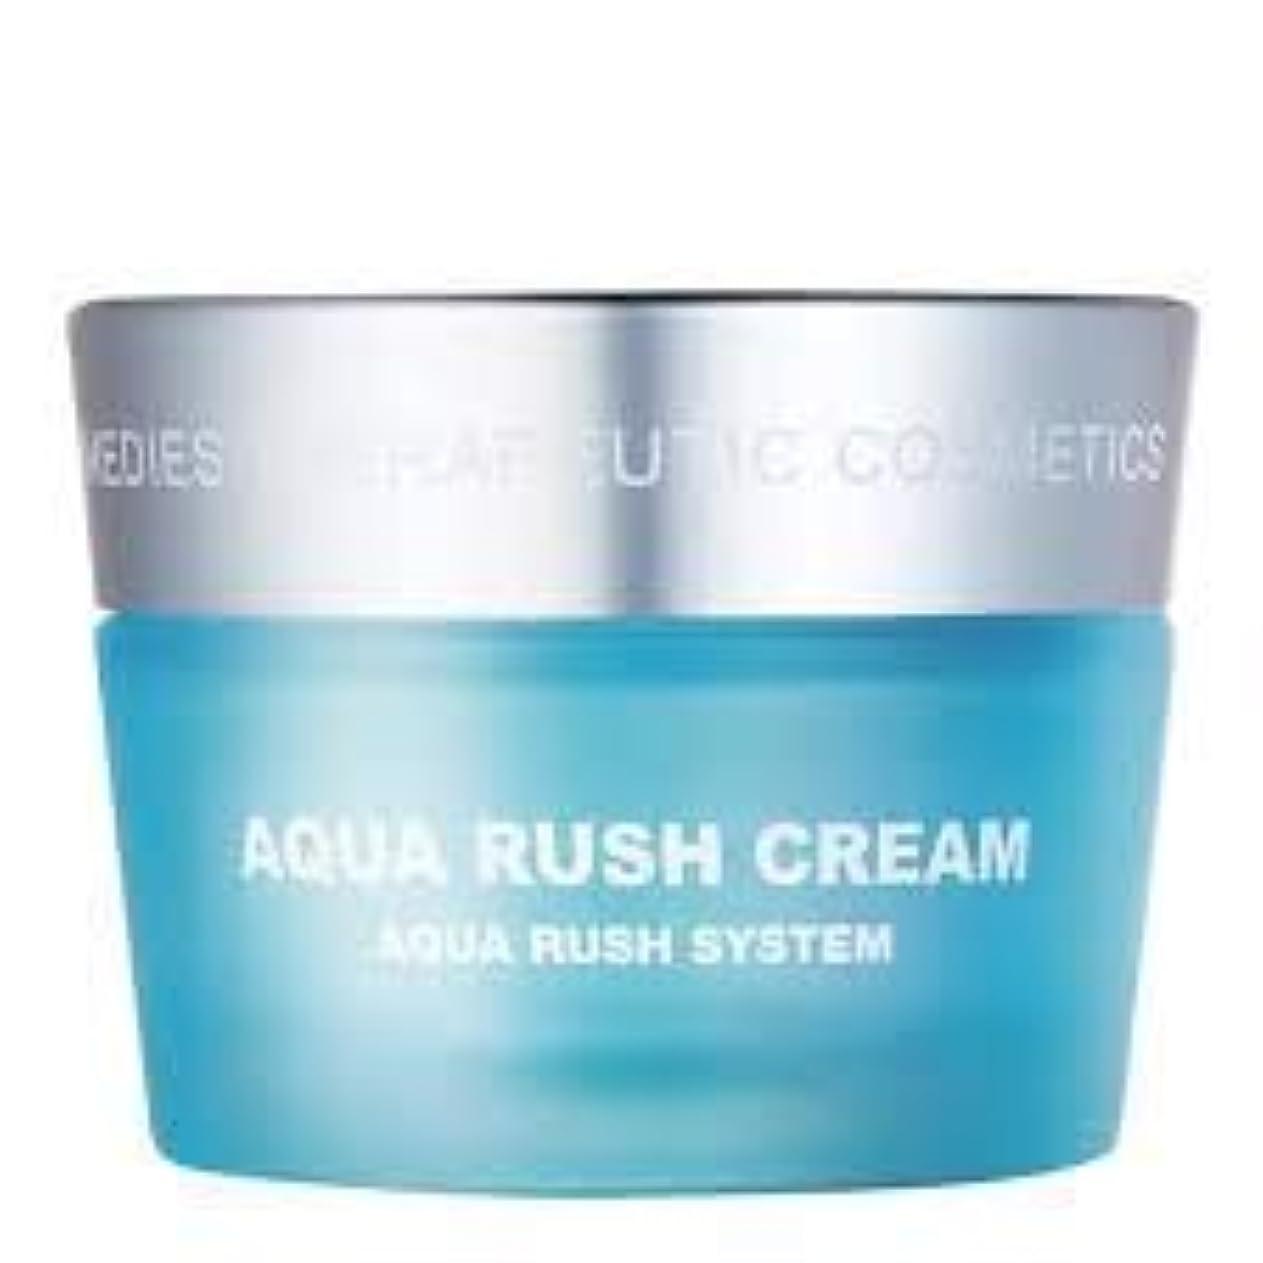 対応する近くオーストラリアBRTC 乾燥肌に集中的な水分を供給アクアラッシュクリーム1つ60ミリリットル保湿クリーム